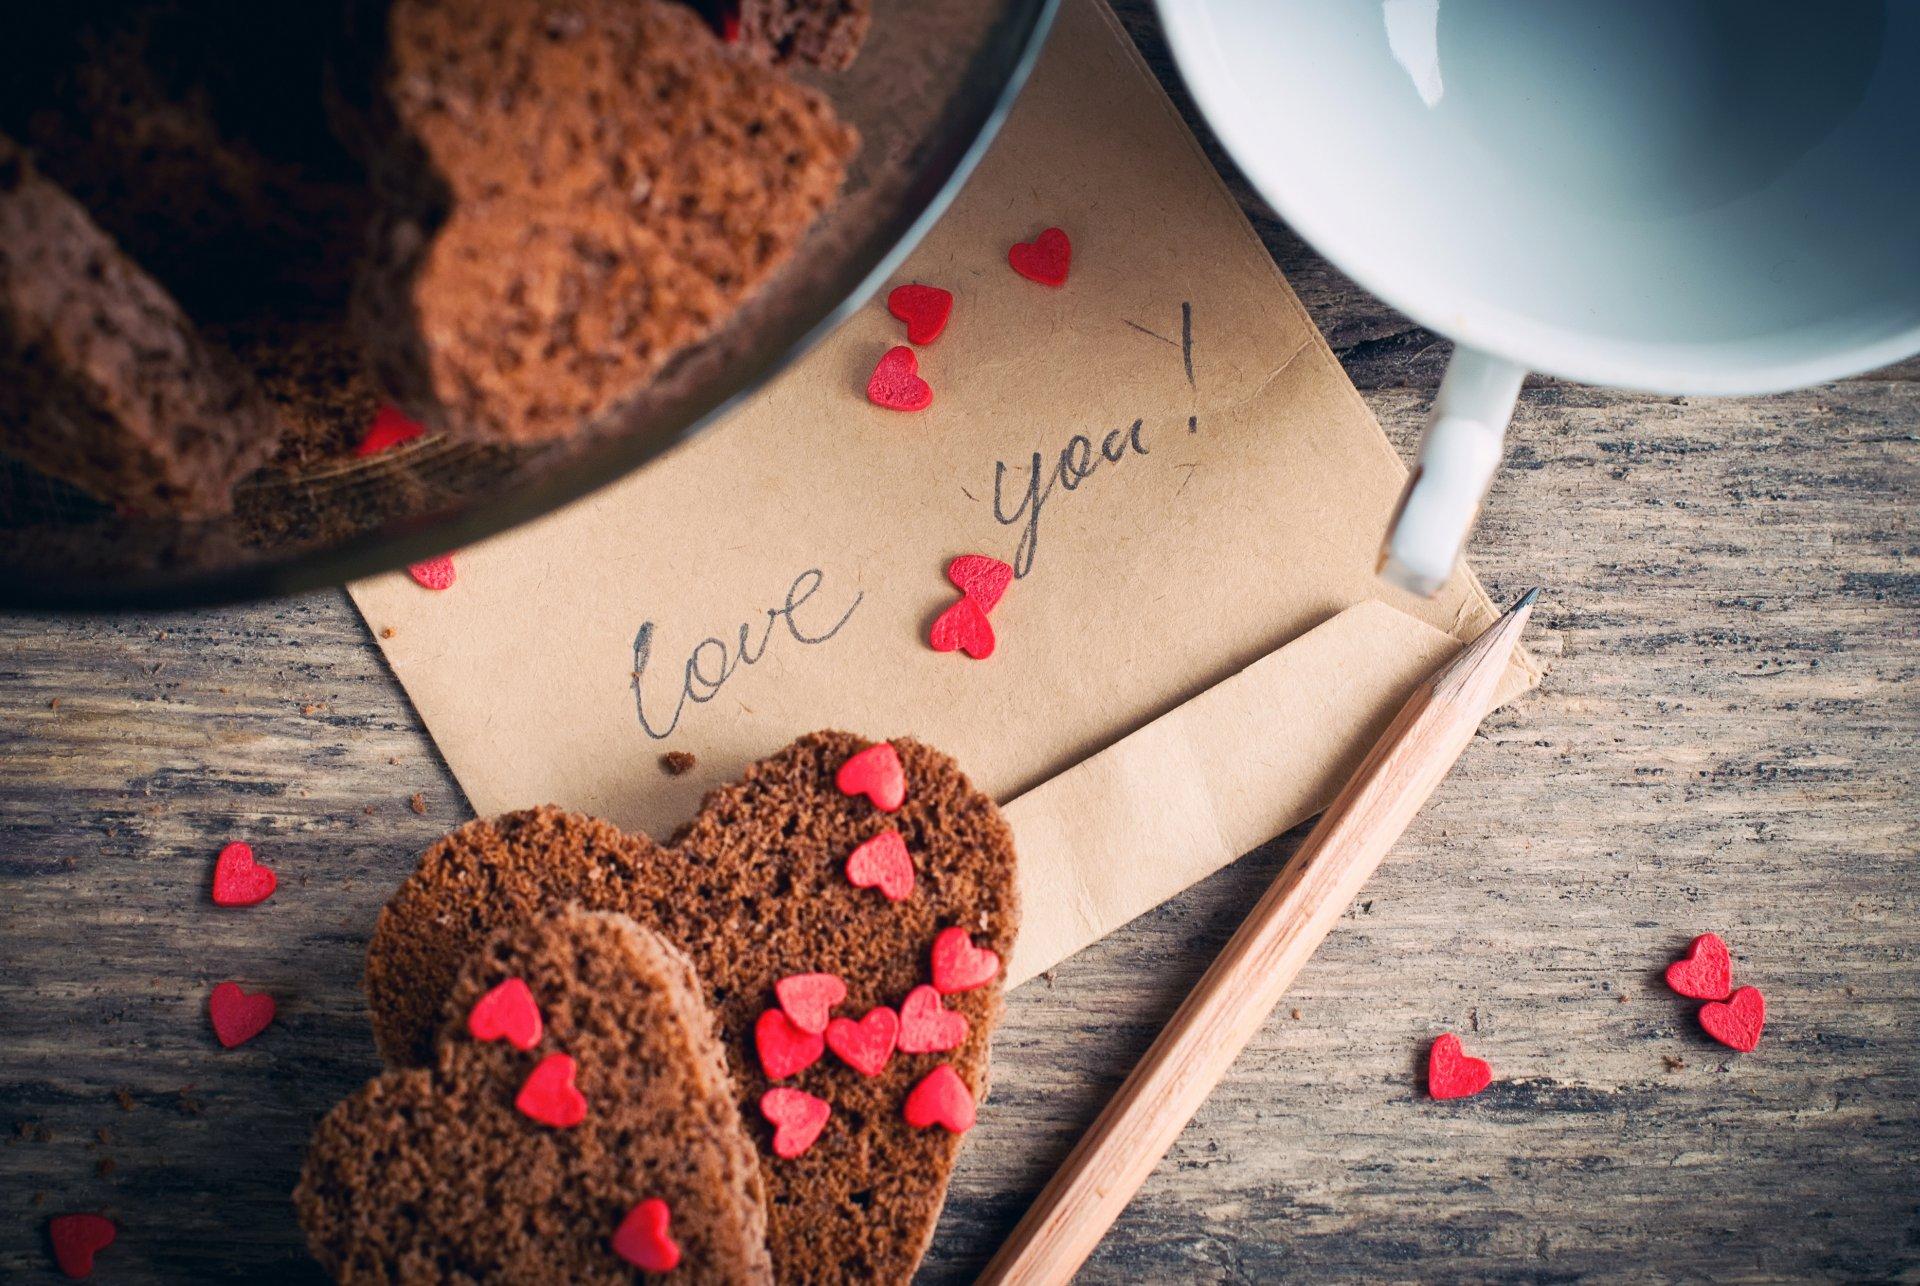 Прикольных, картинки на телефон про любовь и нежность с надписями